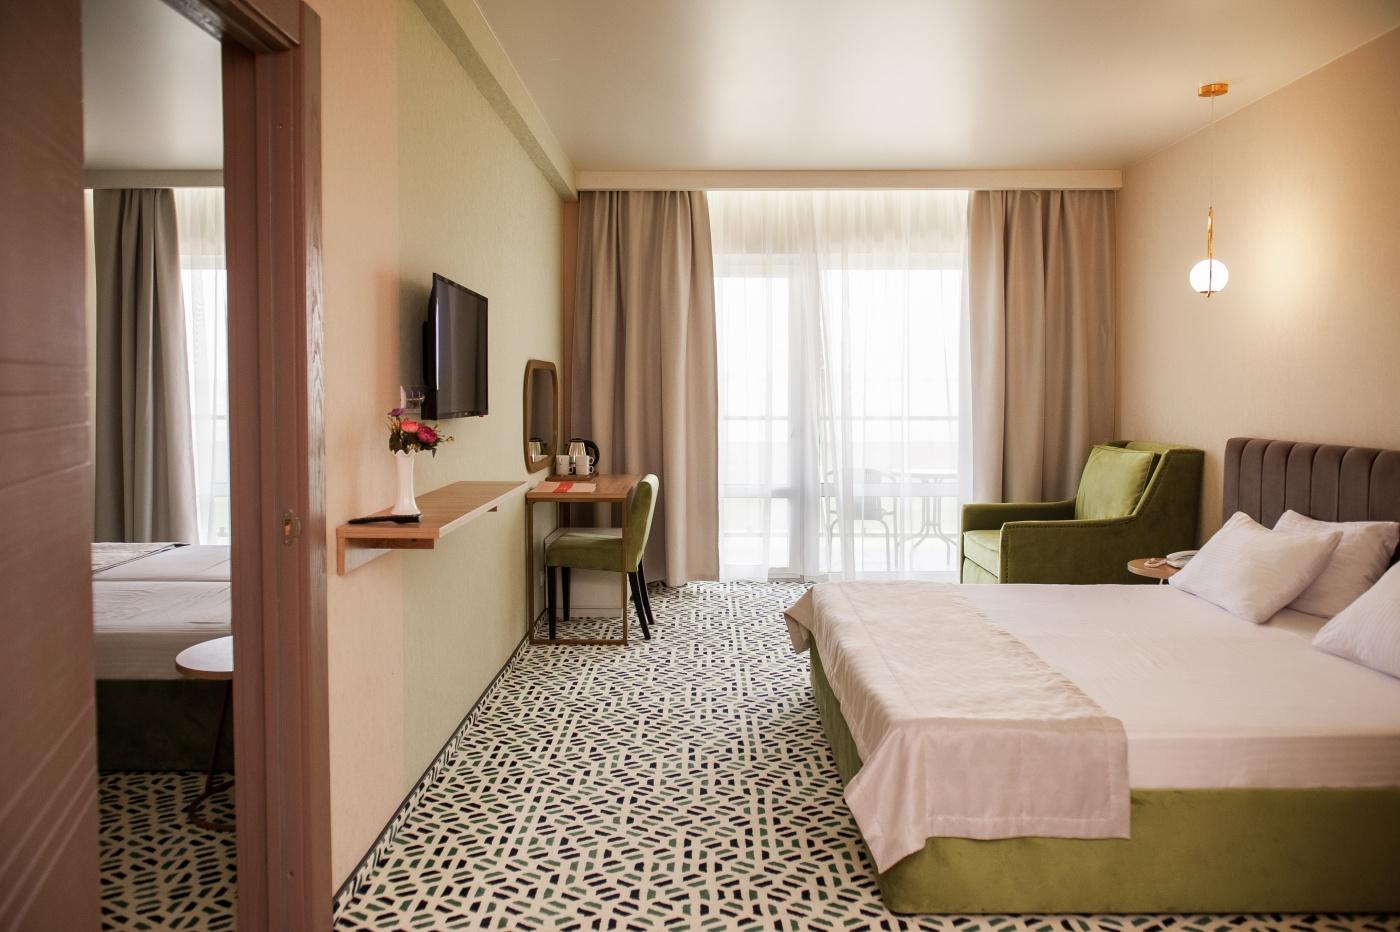 Отель «Aurum Family Resort & Spa» Краснодарский край Family room 4-местный 2-комнатный, фото 2